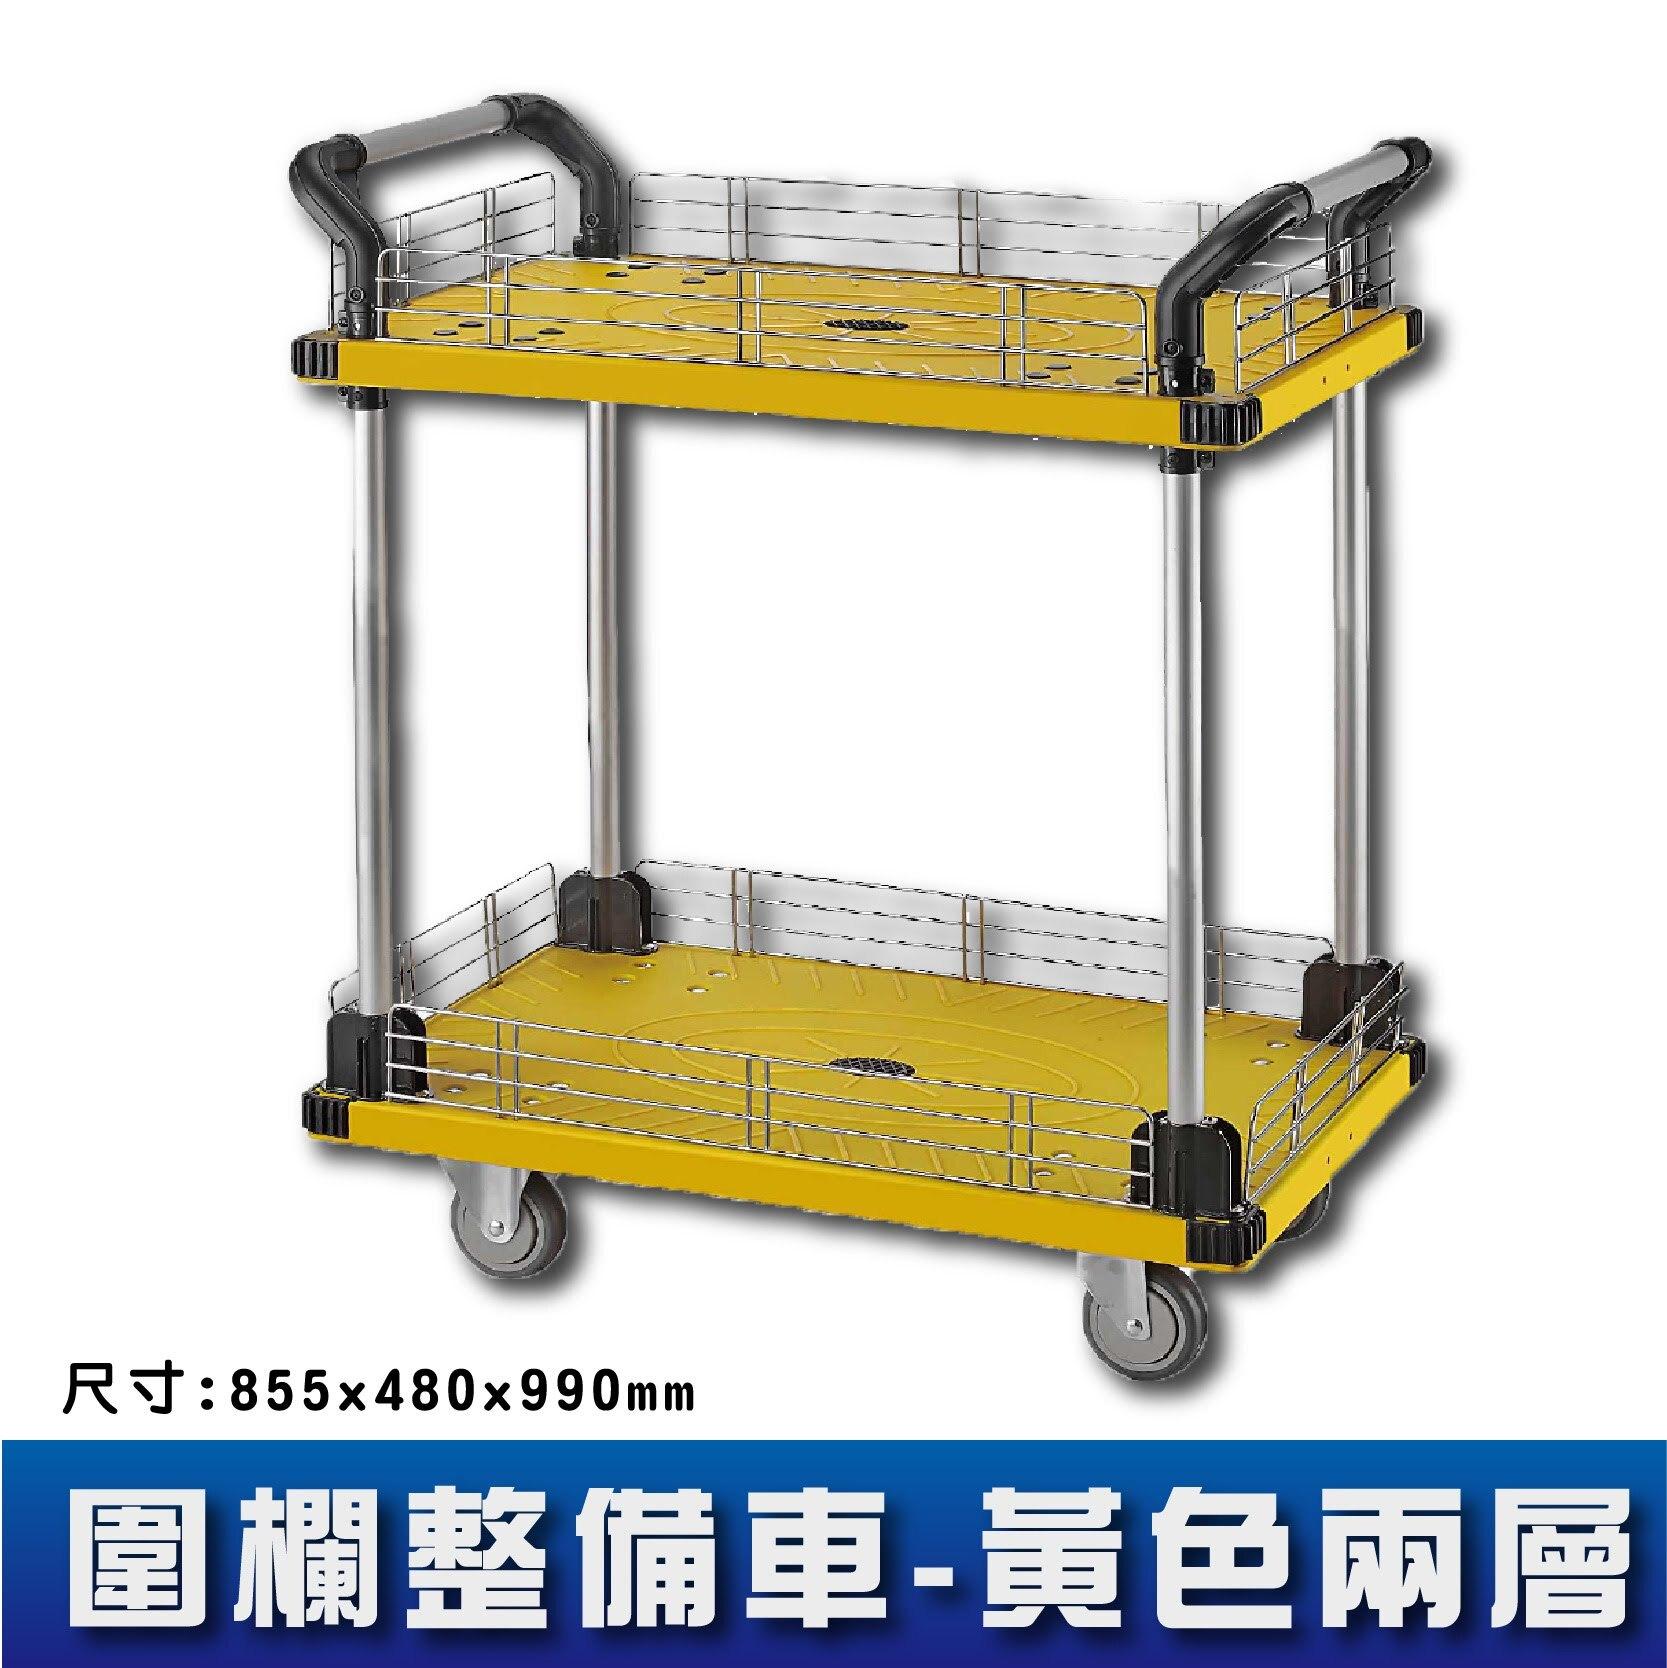 多種選擇〞KT880B 雙層圍欄整備車(黃色) 手推車 工作車 置物車 分層車 餐車 清潔車 房務車 服務車